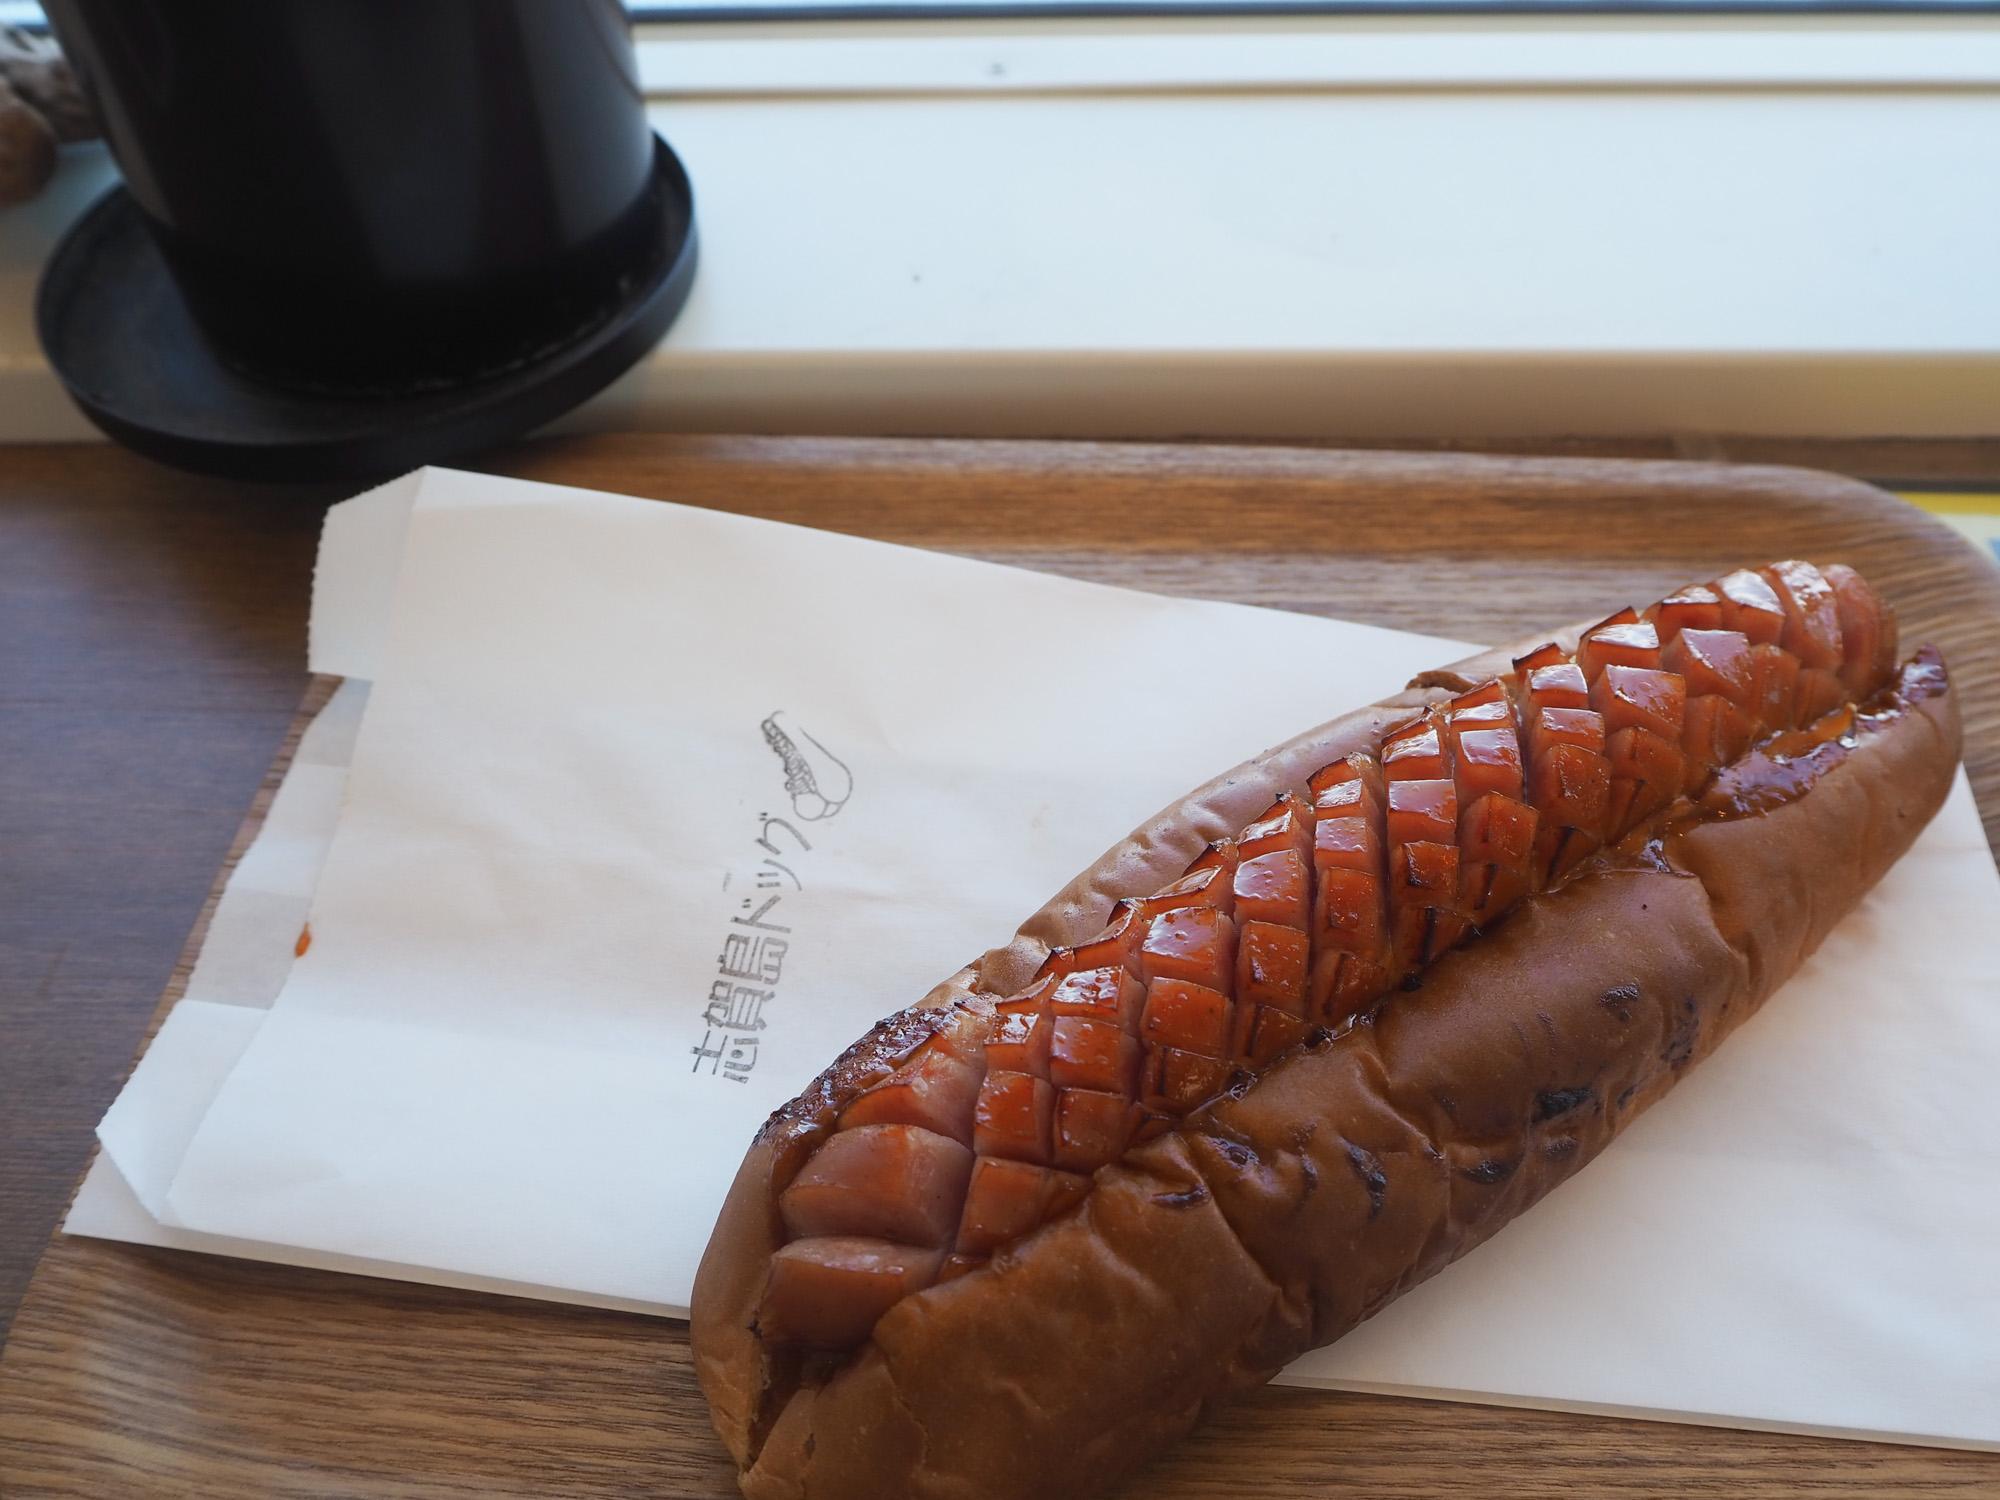 看板メニューの「志賀島ドッグ500円(税込)」をチョイス。カリっと焼かれたパンに熟成させたソーセージとキャベツ、オーロラソースがオン。